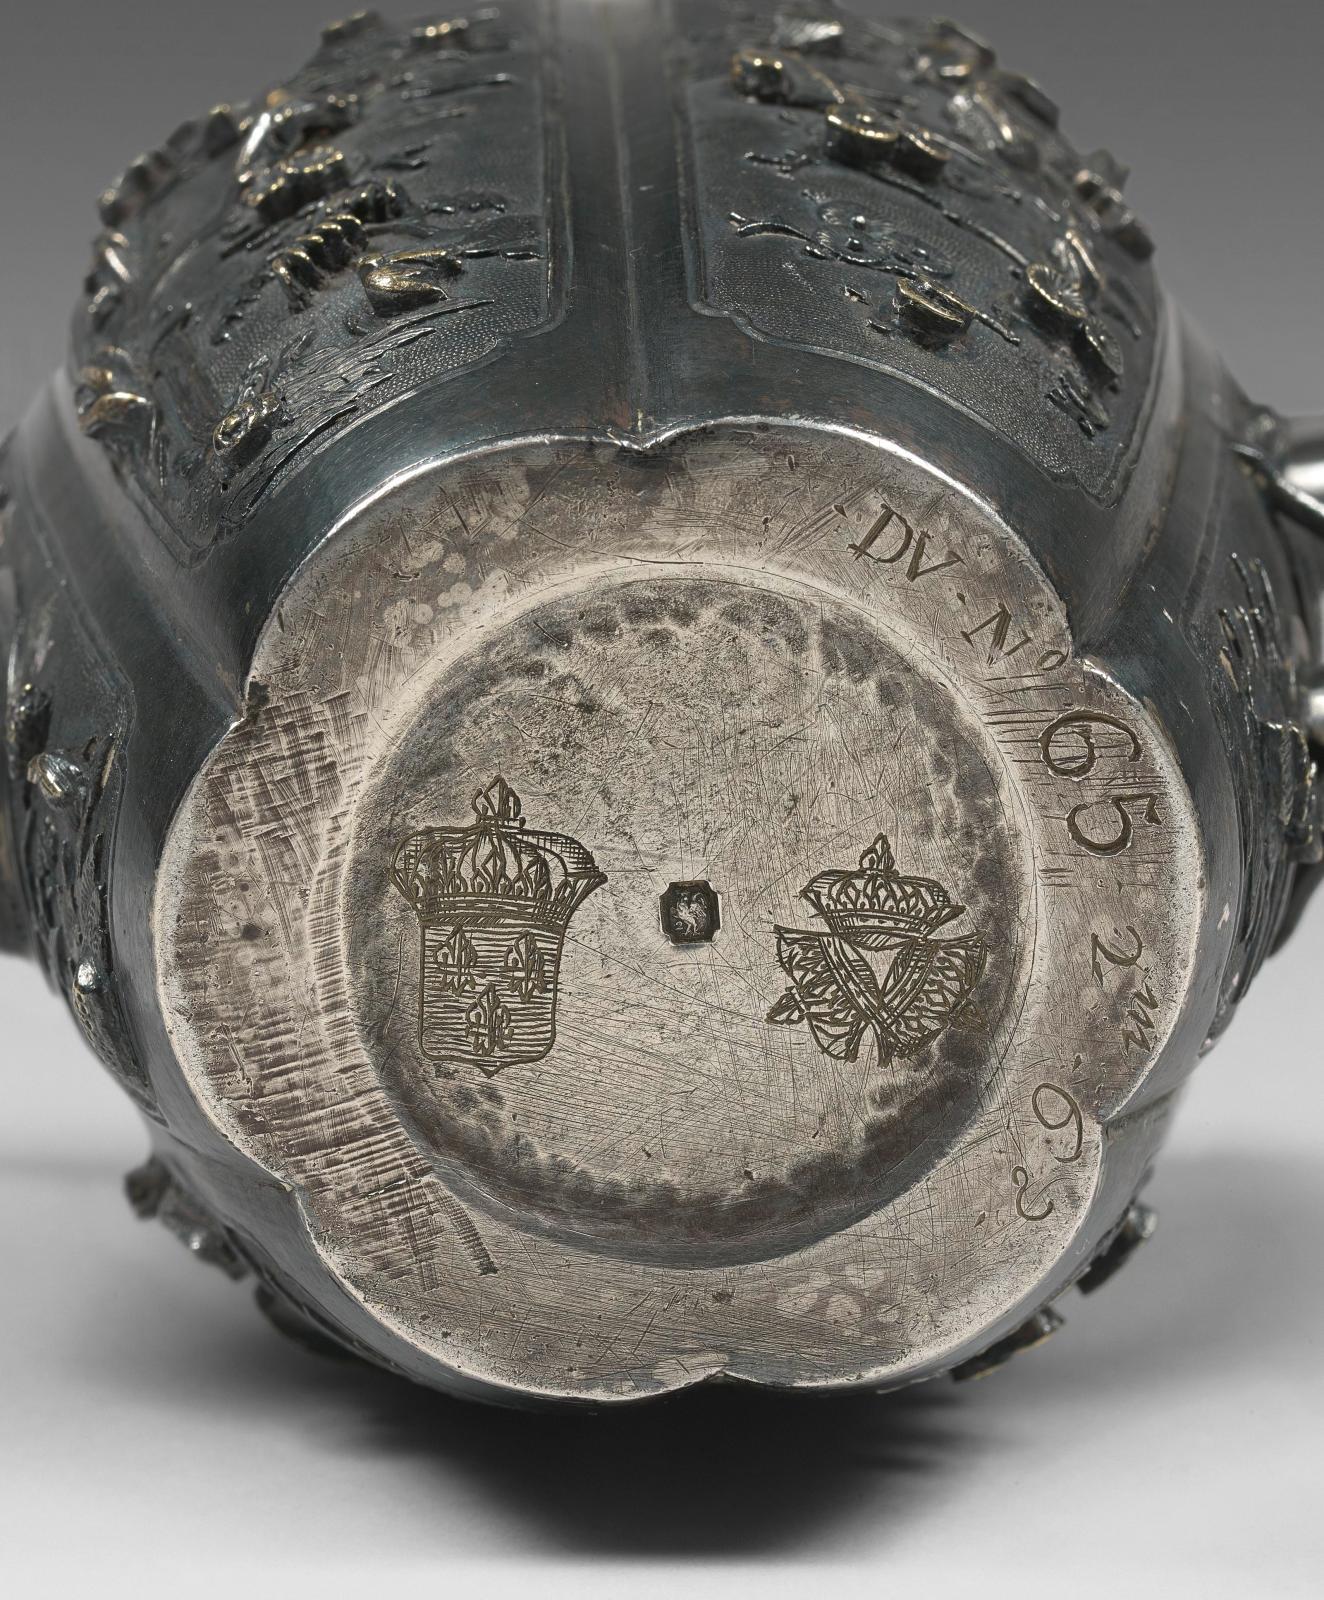 Sous le fond de la verseuse avant restauration, les marques de la Couronne et le numéro d'inventaire.